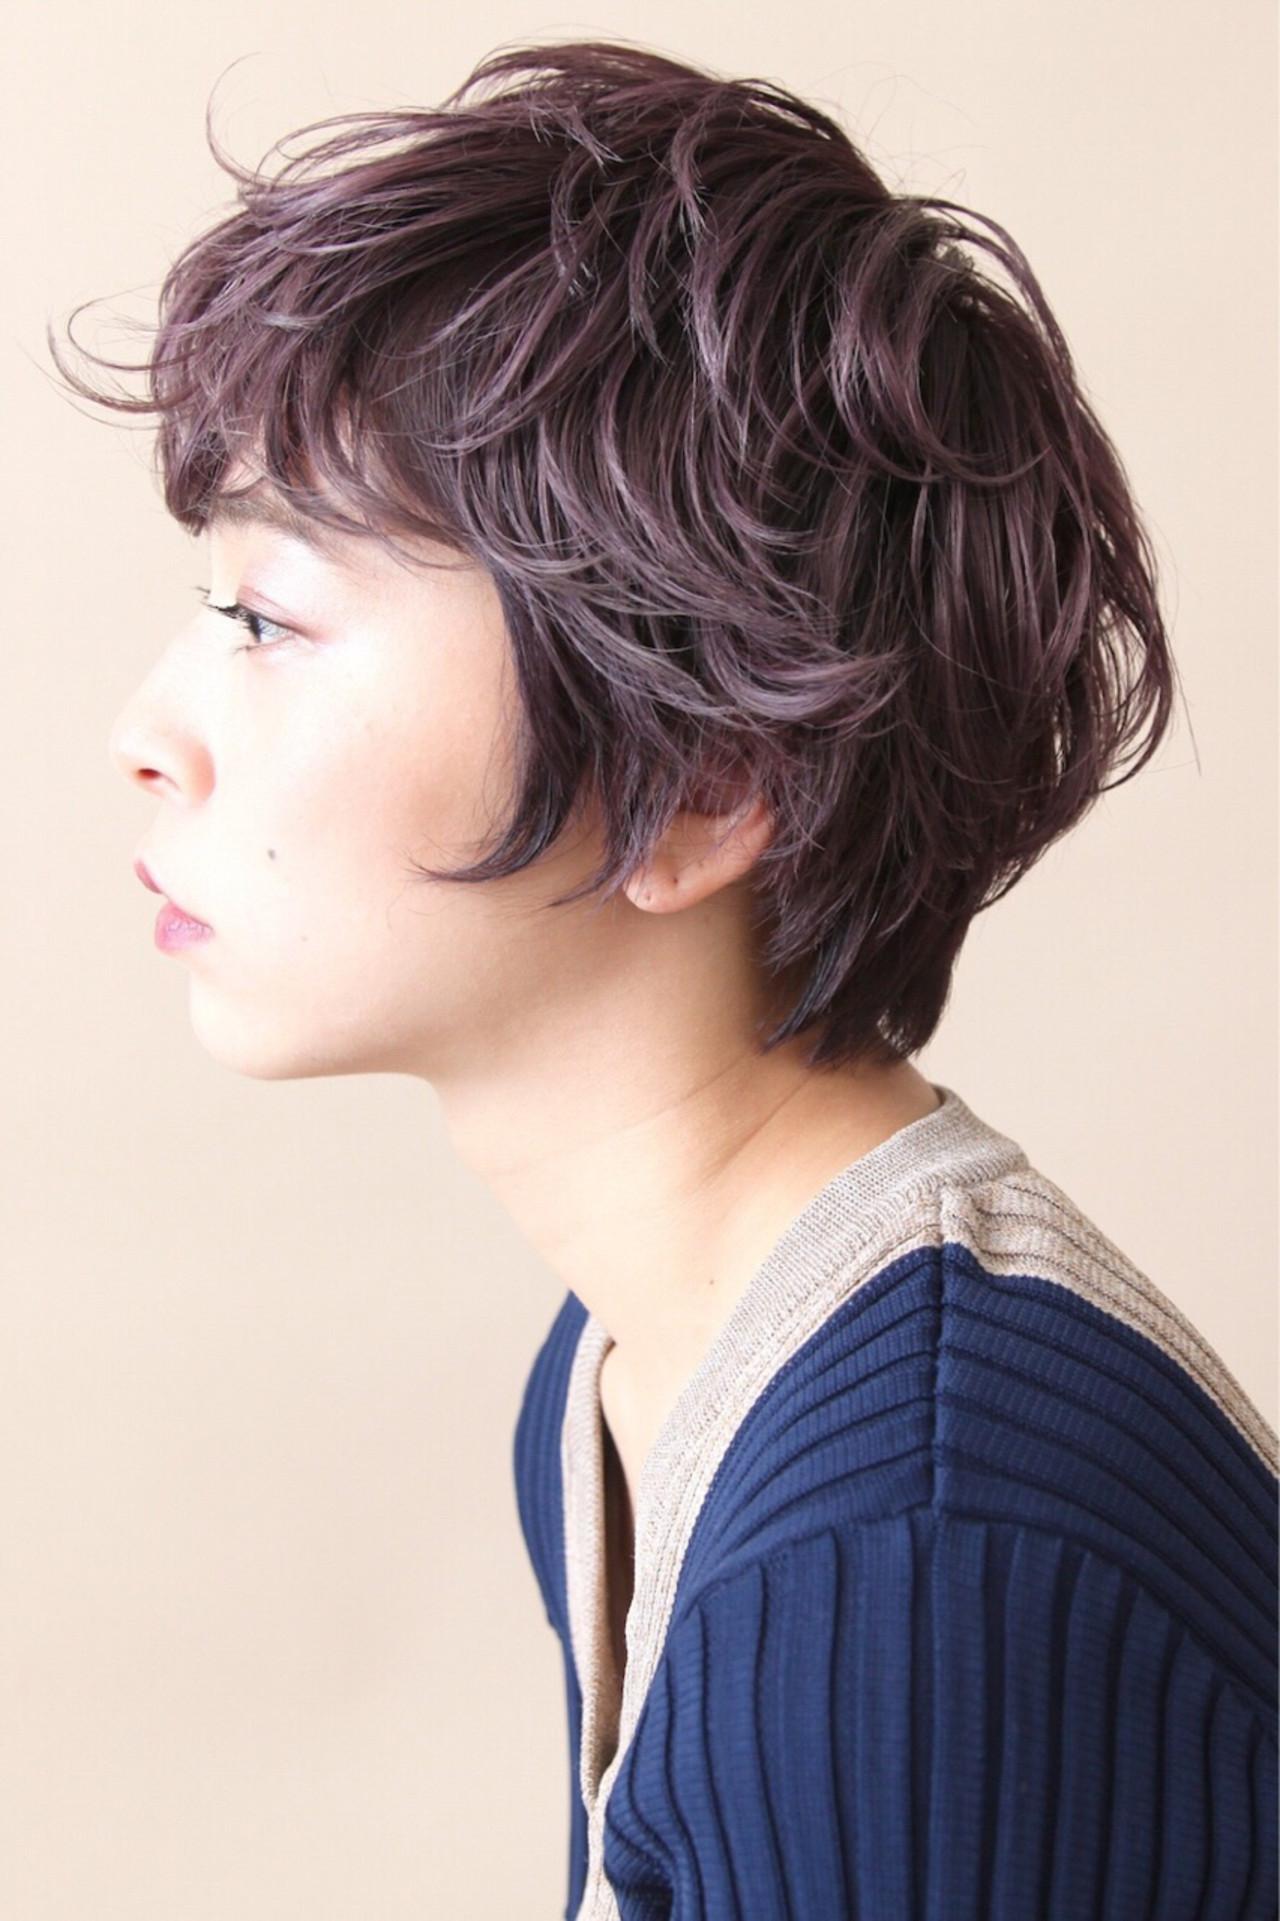 ショートヘアならラベンダーピンクでモード系に♪ 畑山拓也  Baco.